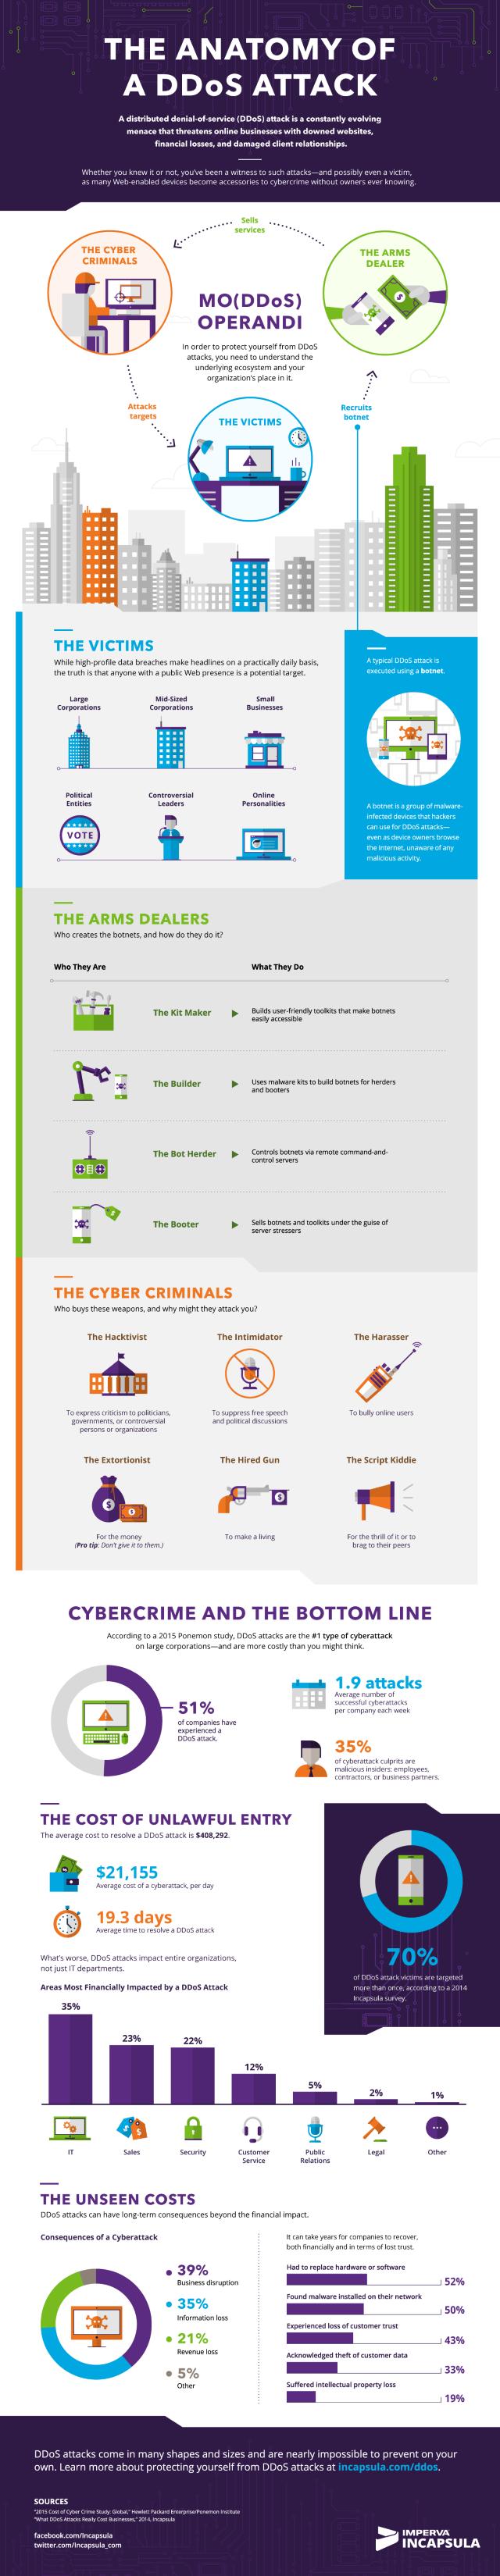 Incapsula DDoS infographic